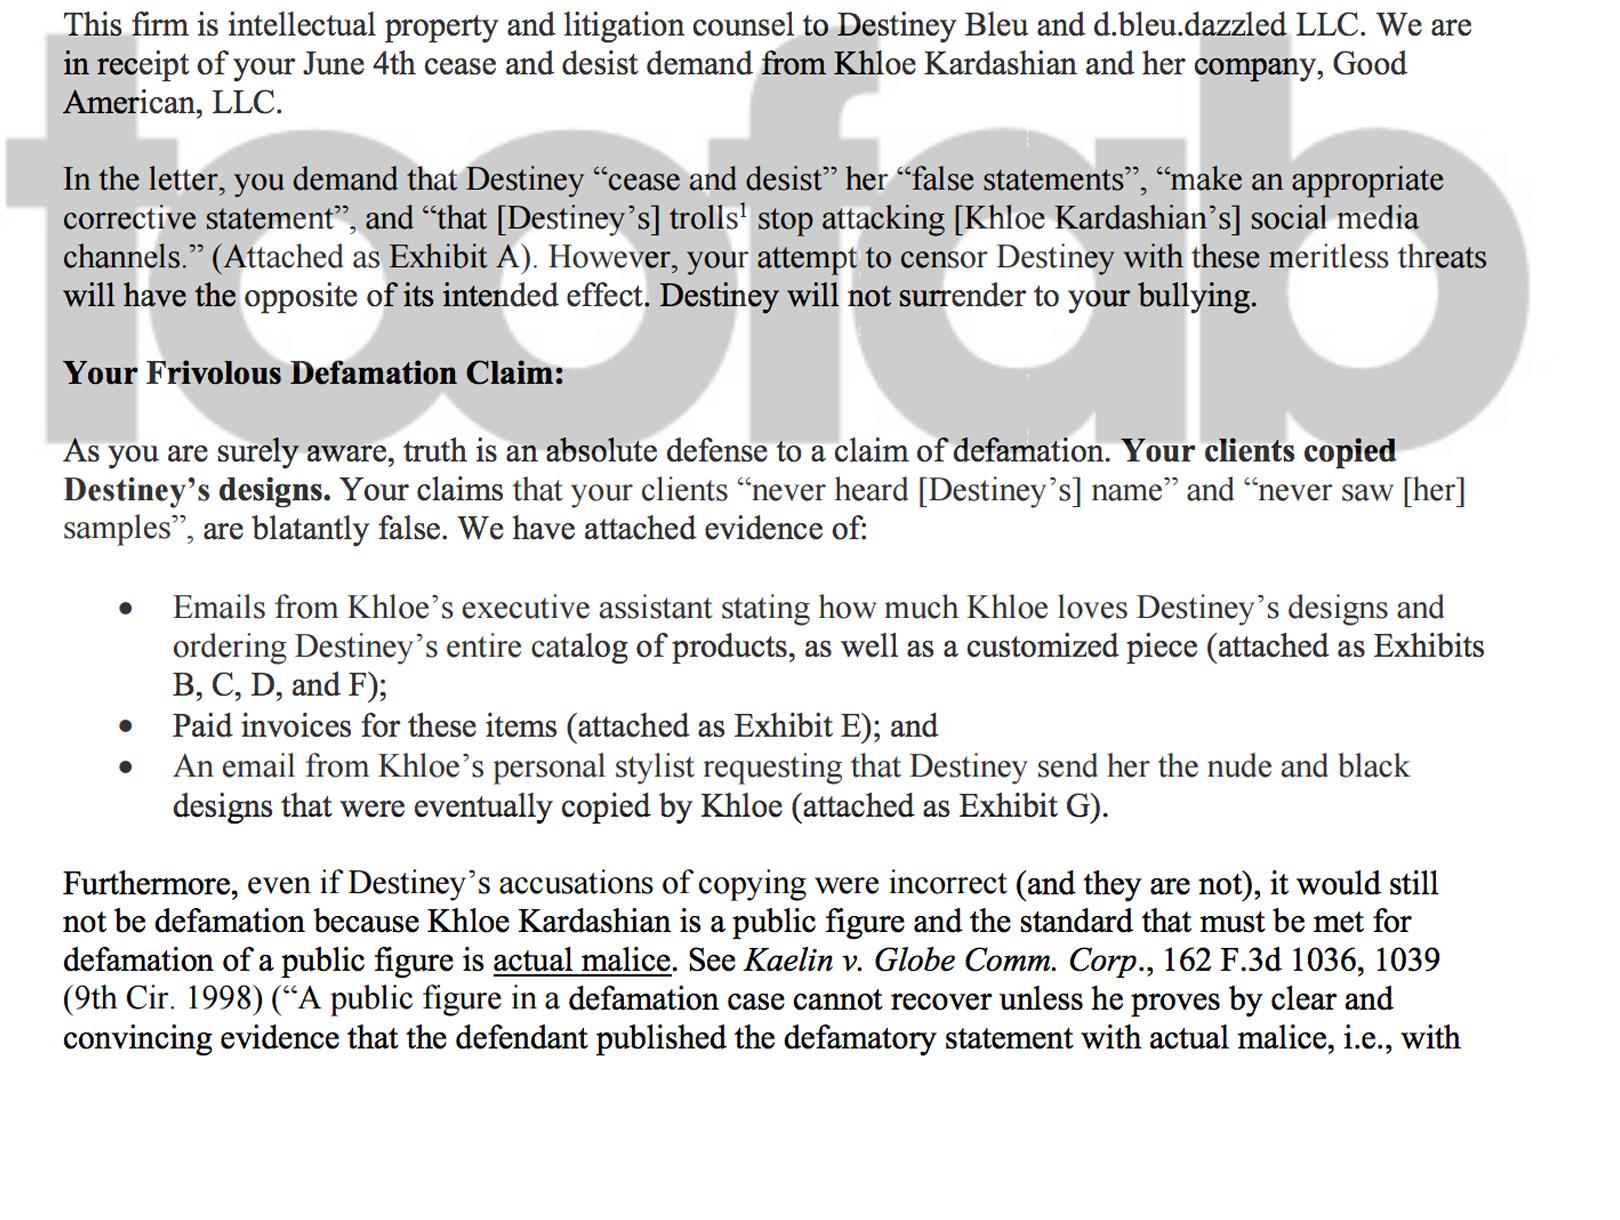 khloe_letter